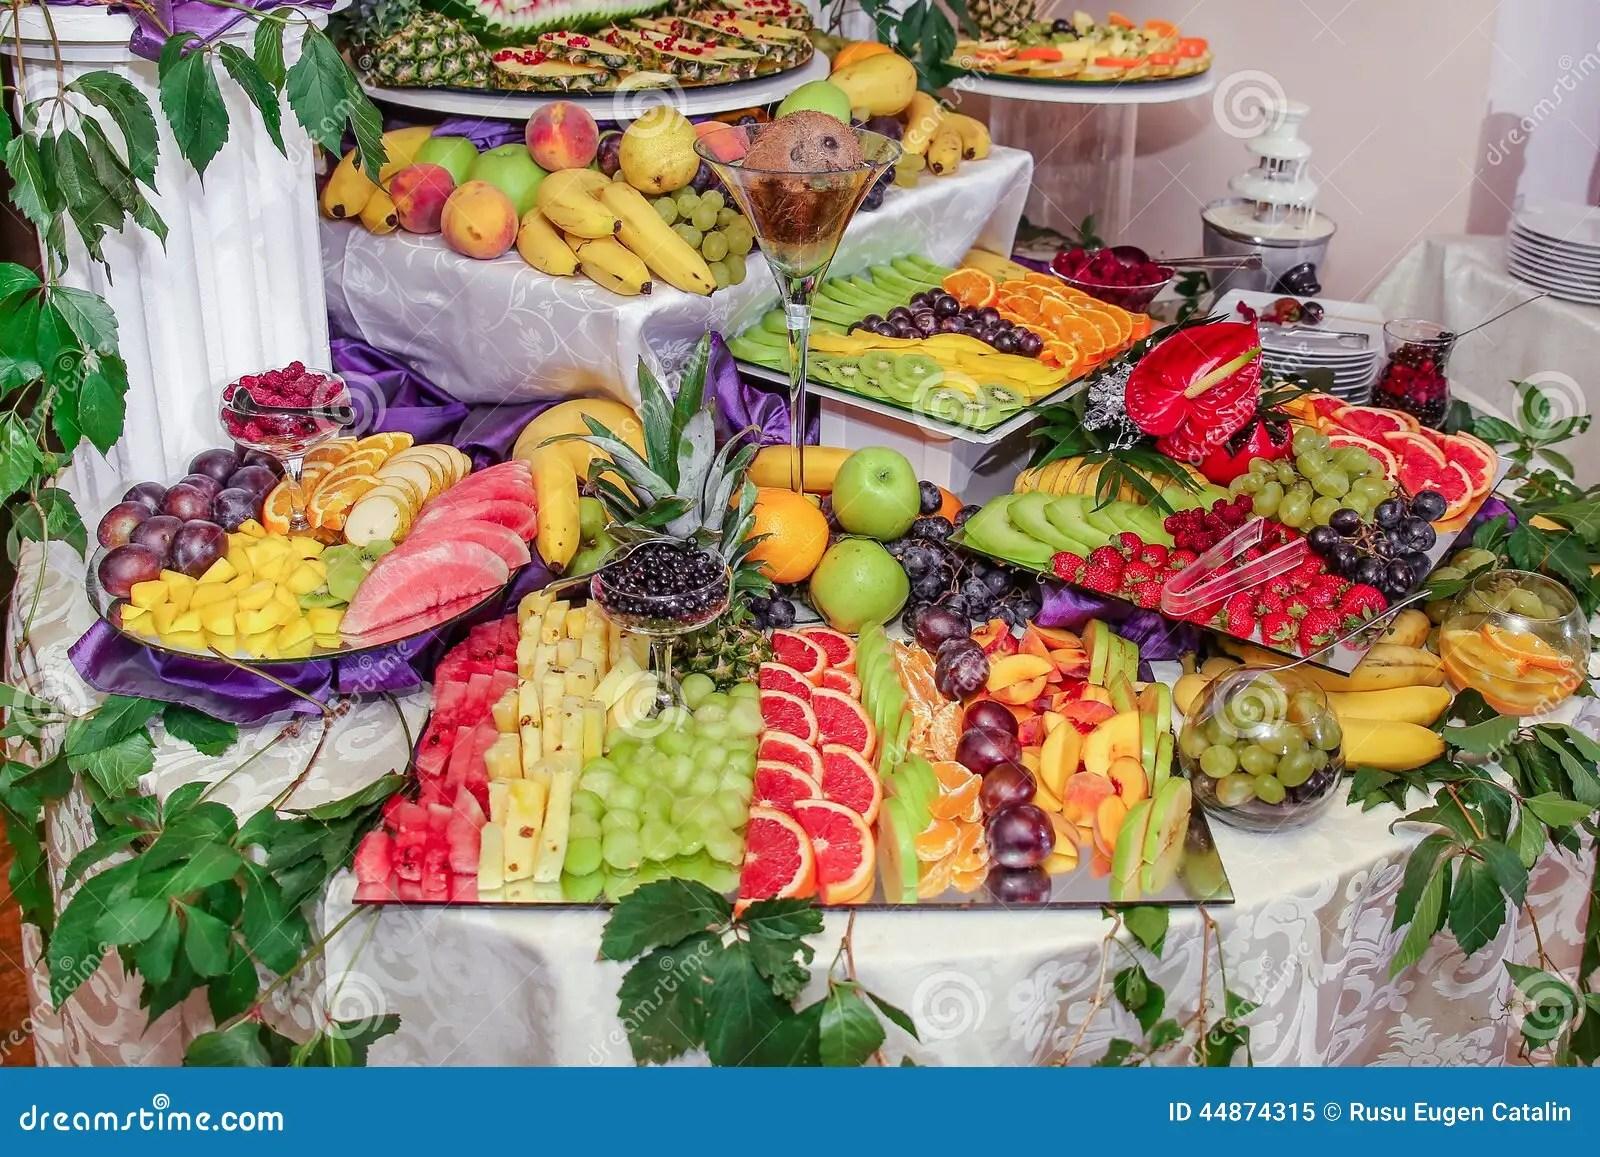 Fruits Decoration Stock Image Image Of Decoration Fresh